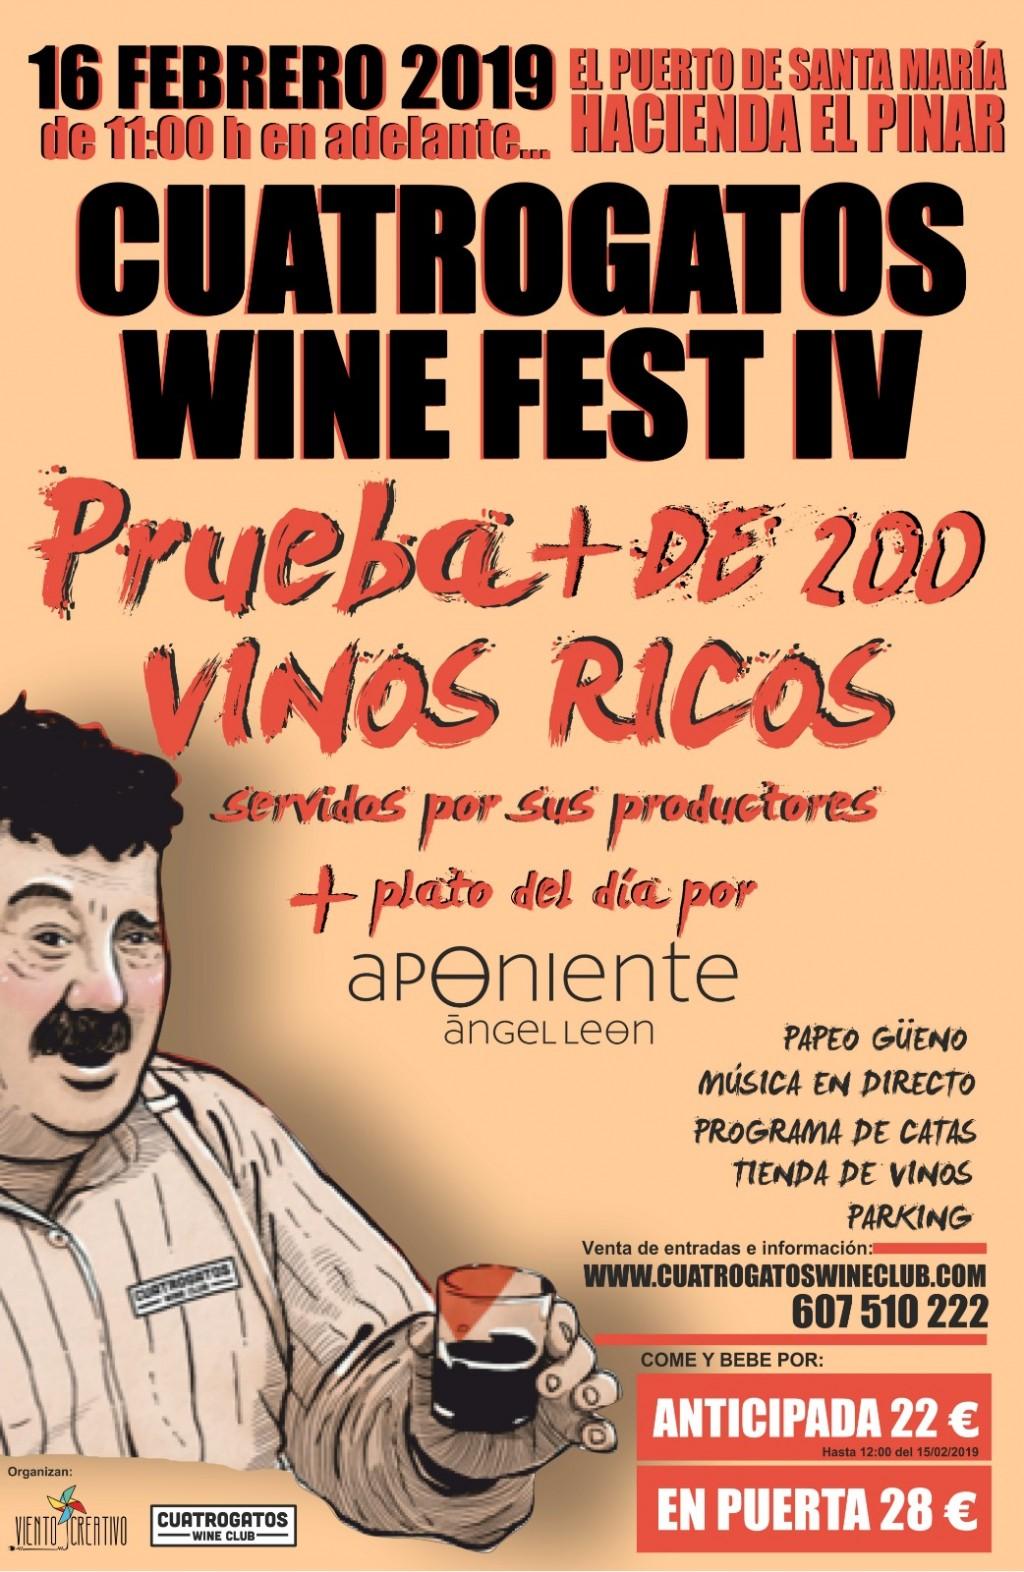 CUATROGATOS WINE FEST  IV · 16 febrero 2019 · El Puerto de Santa María